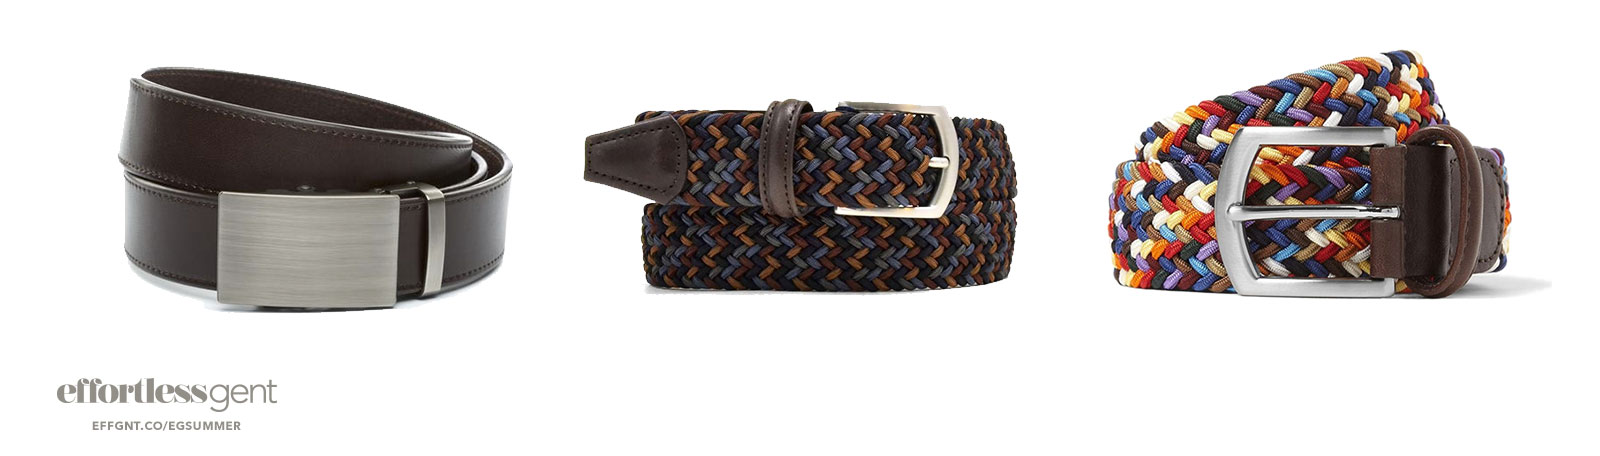 belts - summer clothes for men - effortless gent